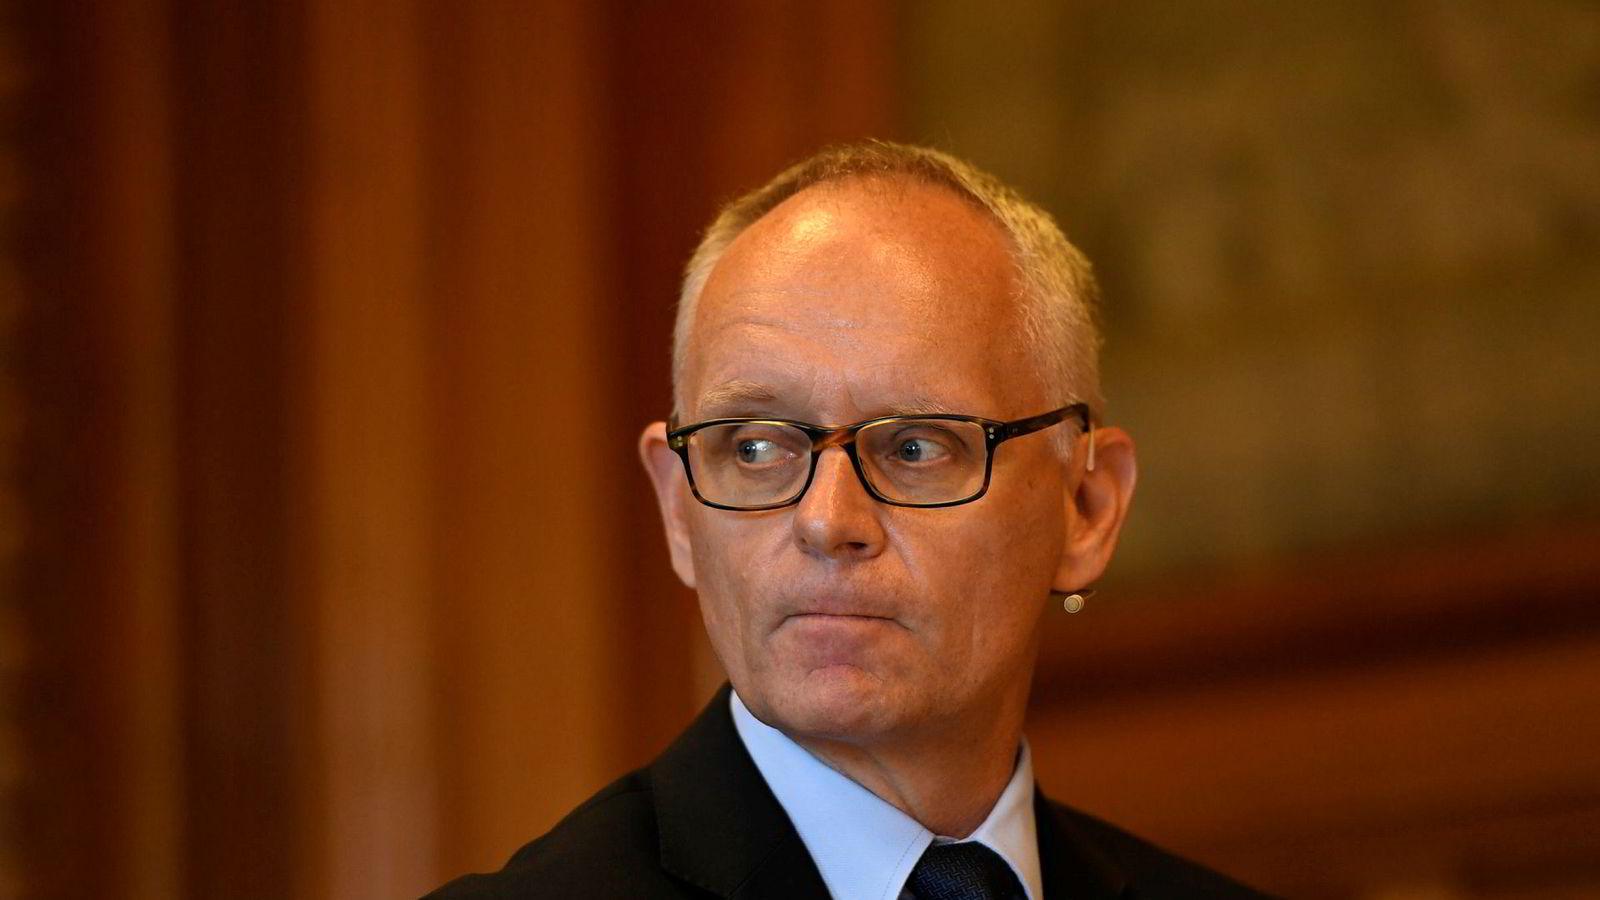 Administrerende direktør Anders Bouvin i Handelsbanken.